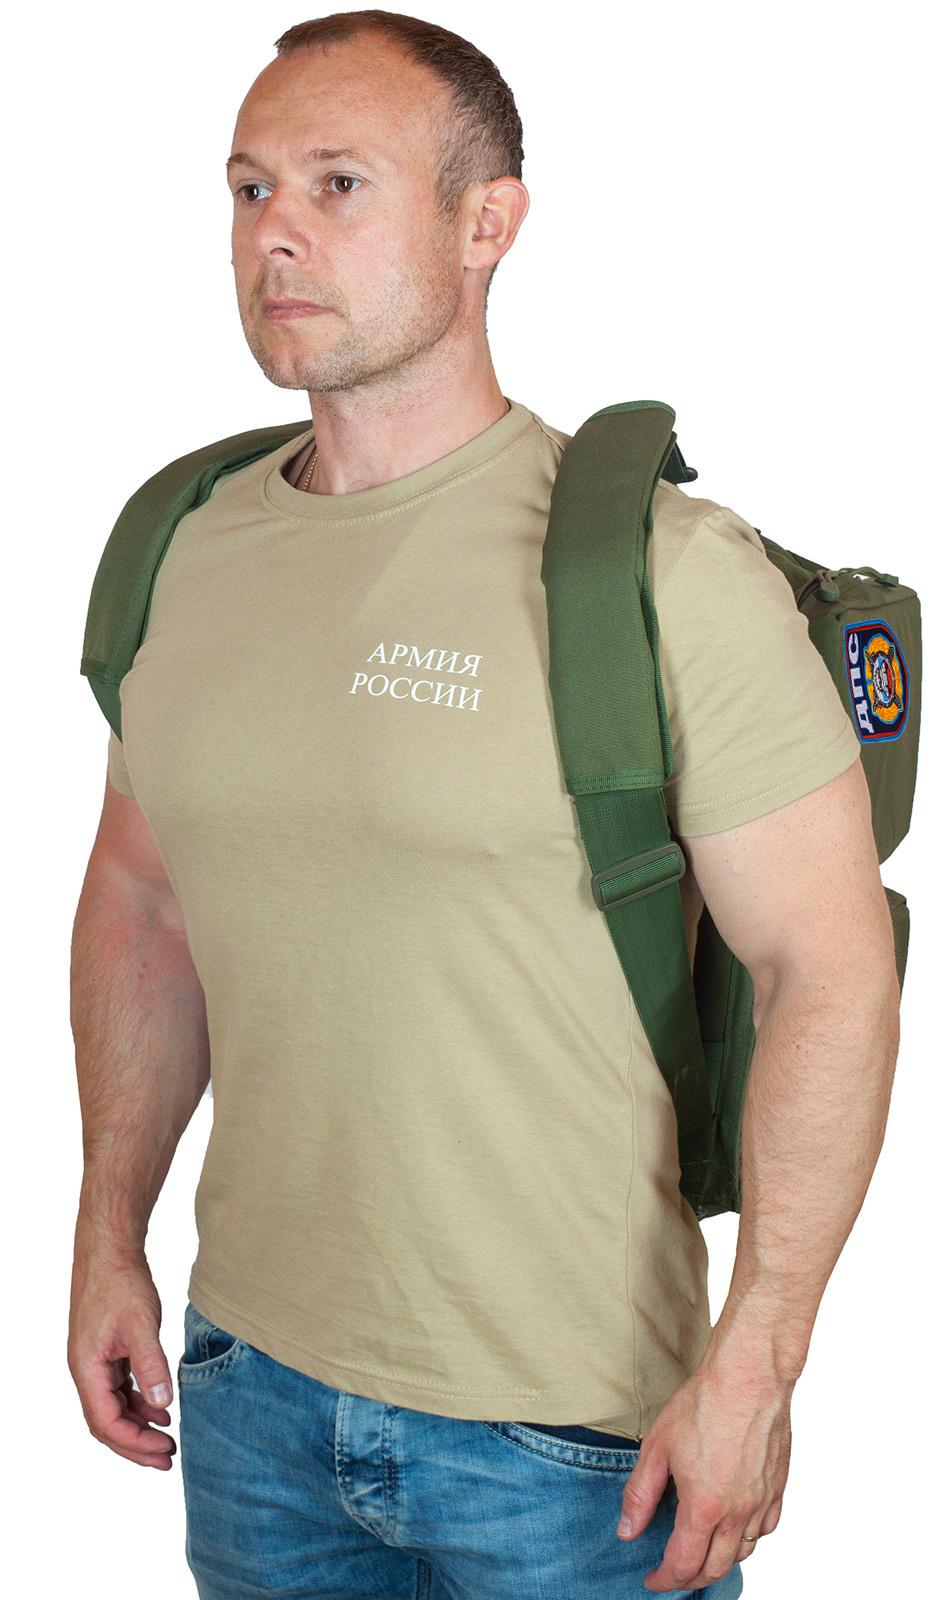 Тактическая походная сумка-рюкзак с нашивкой ДПС - купить с доставкой